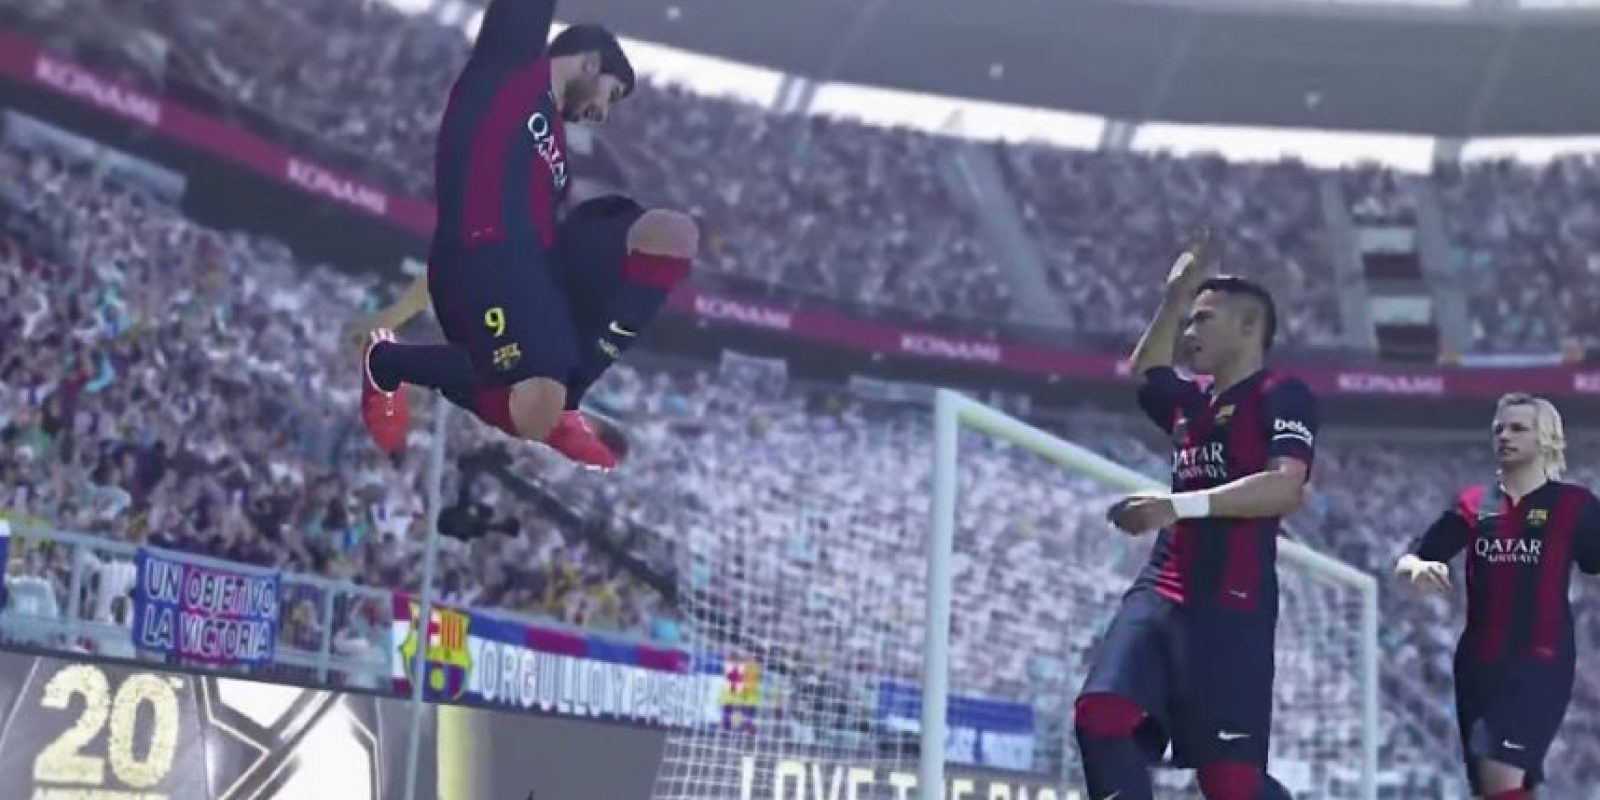 También da un salto en el aire mientras uno de sus compañeros va a su encuentro. Foto:Konami